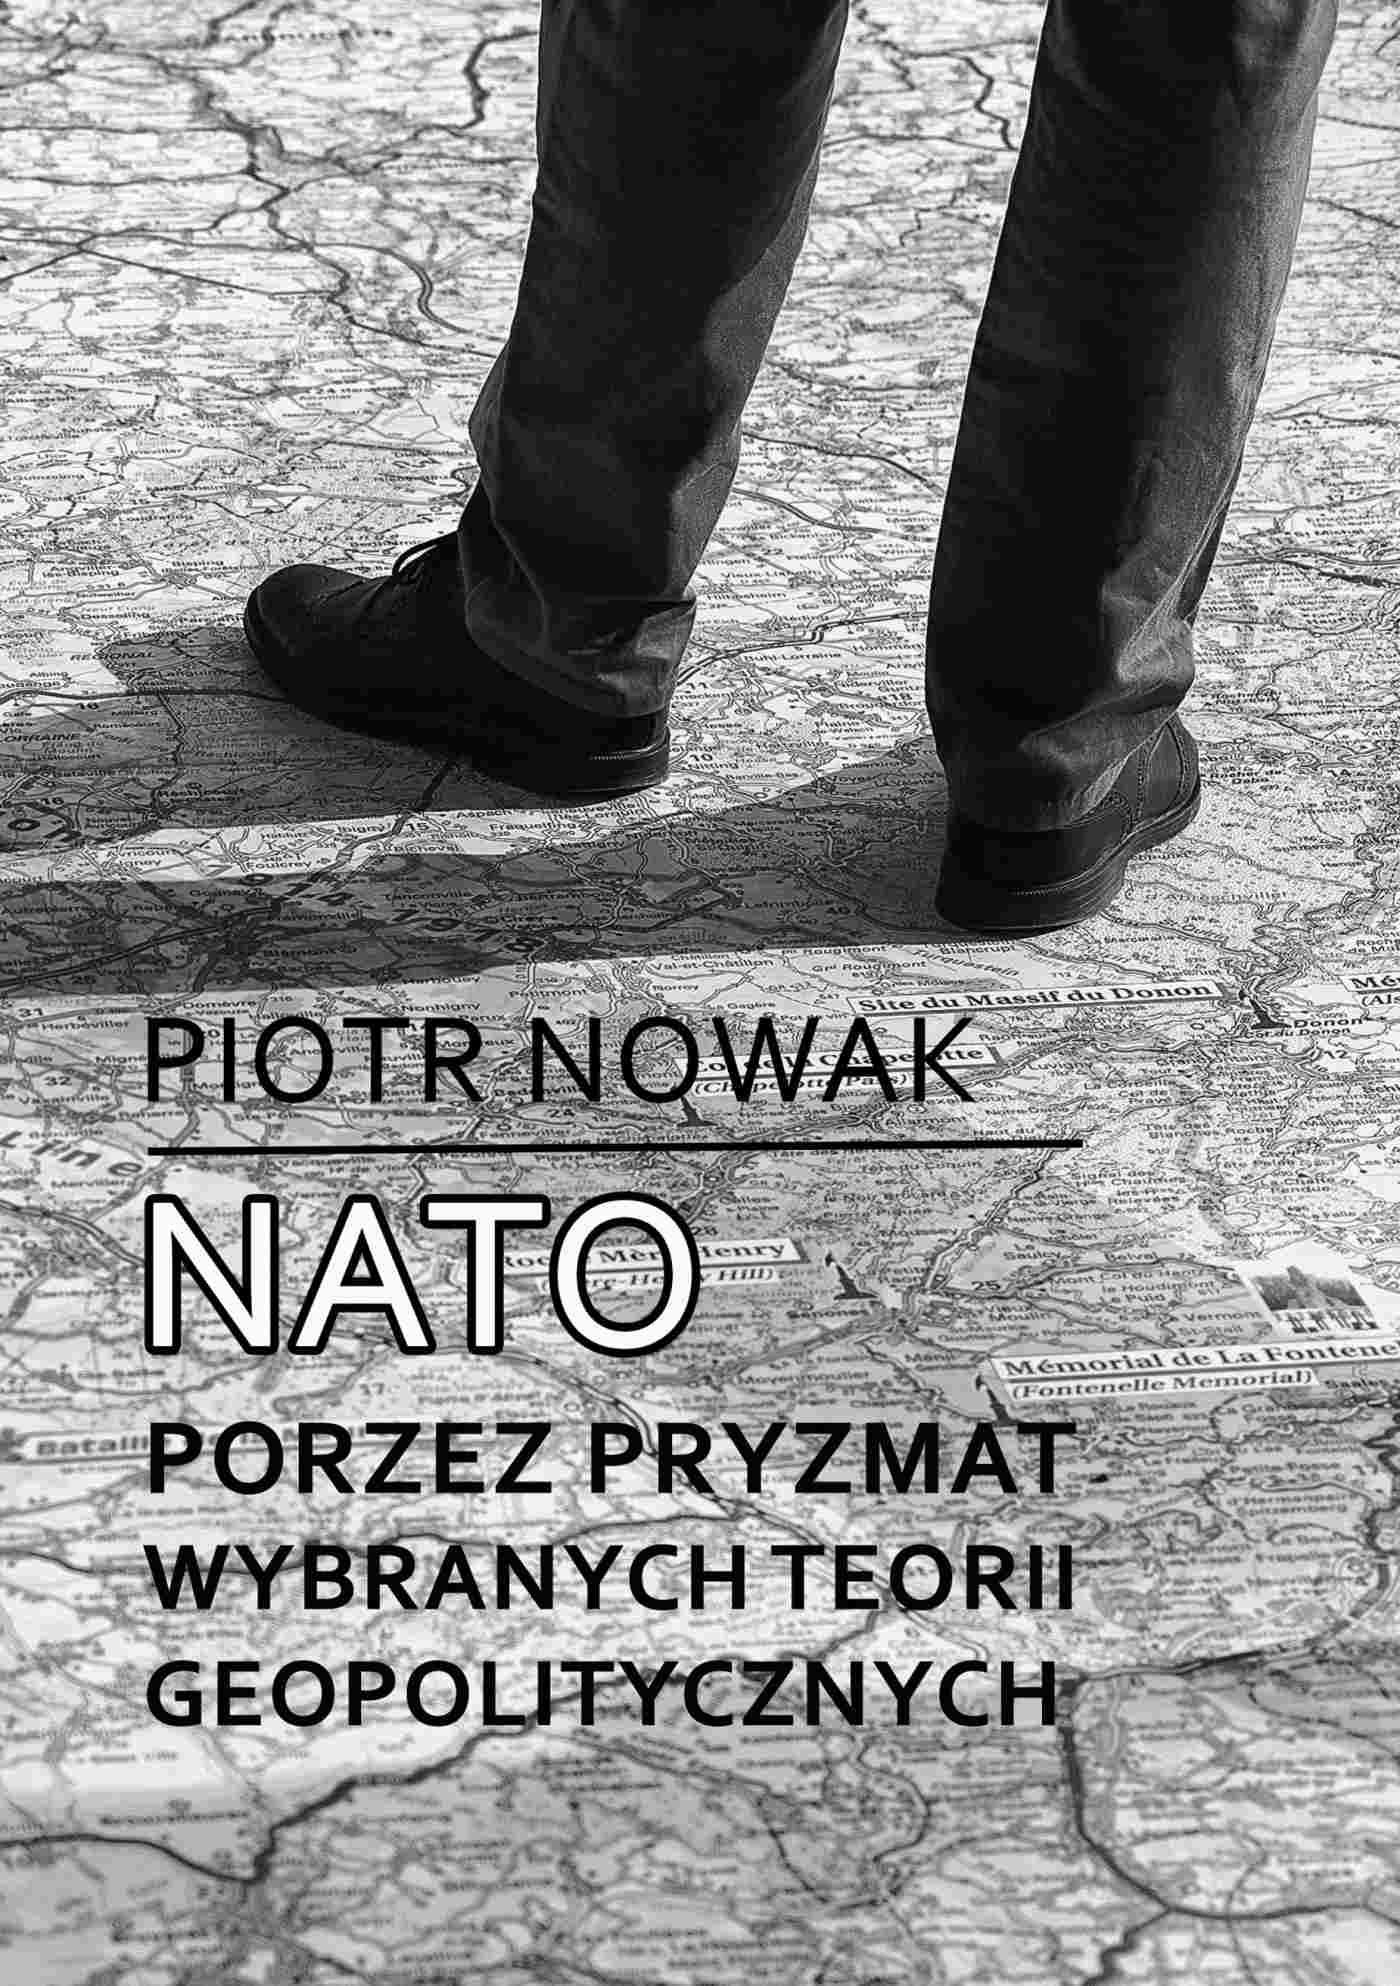 NATO poprzez pryzmat wybranych teorii geopolitycznych - Ebook (Książka na Kindle) do pobrania w formacie MOBI